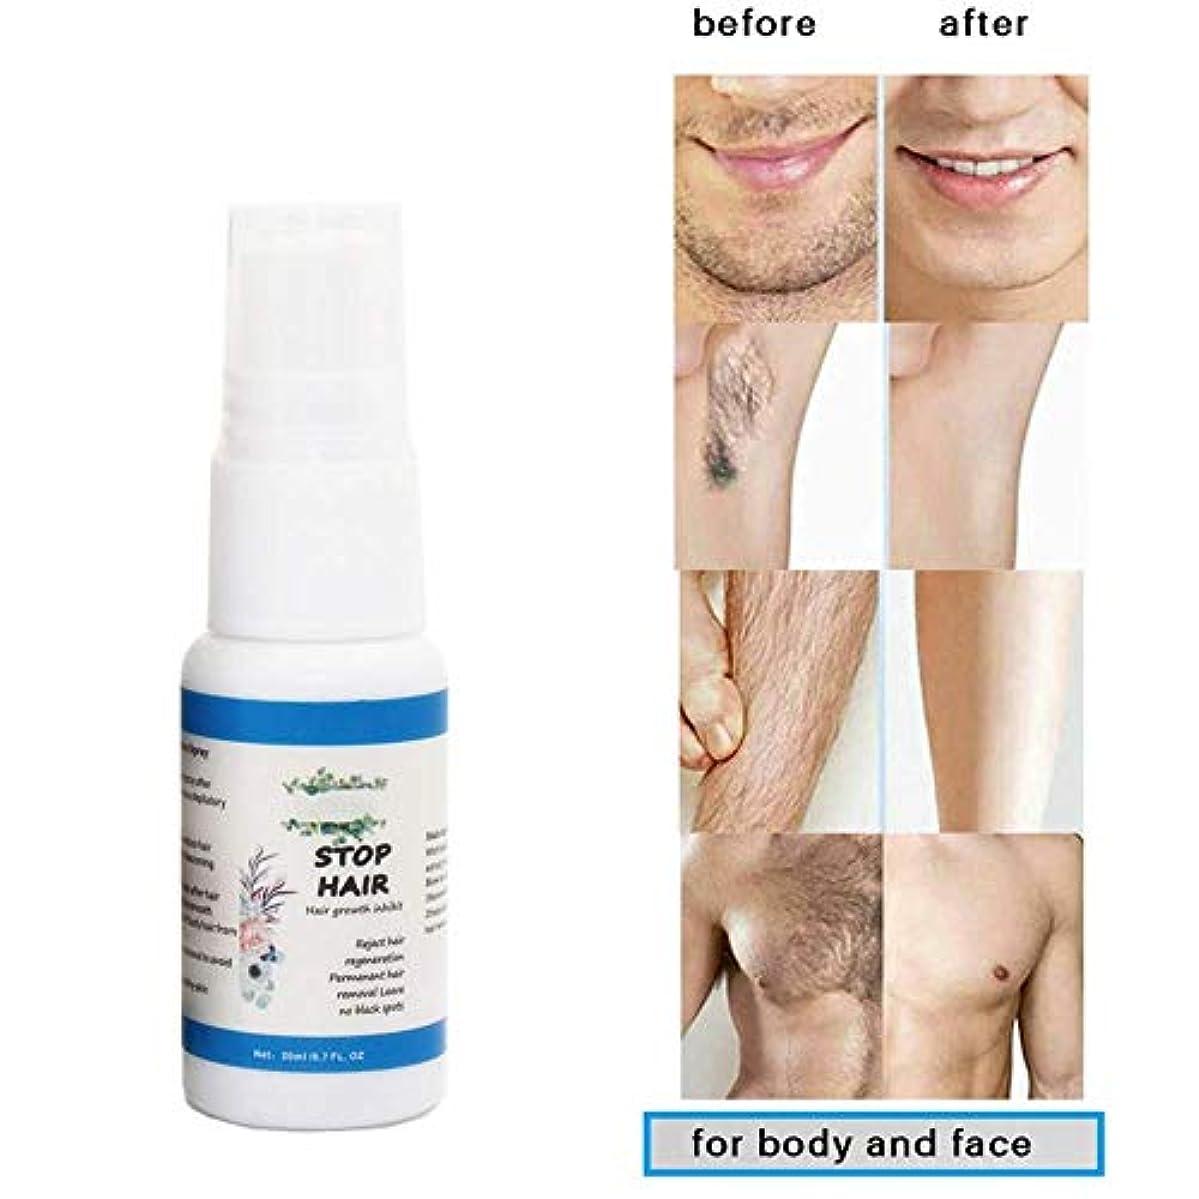 シュリンク器用ねじれ脱毛スプレー阻害剤発毛血清発毛除去を防ぎます修理脱毛剤製品ナチュラル非刺激栄養毛穴シュリンク20ml